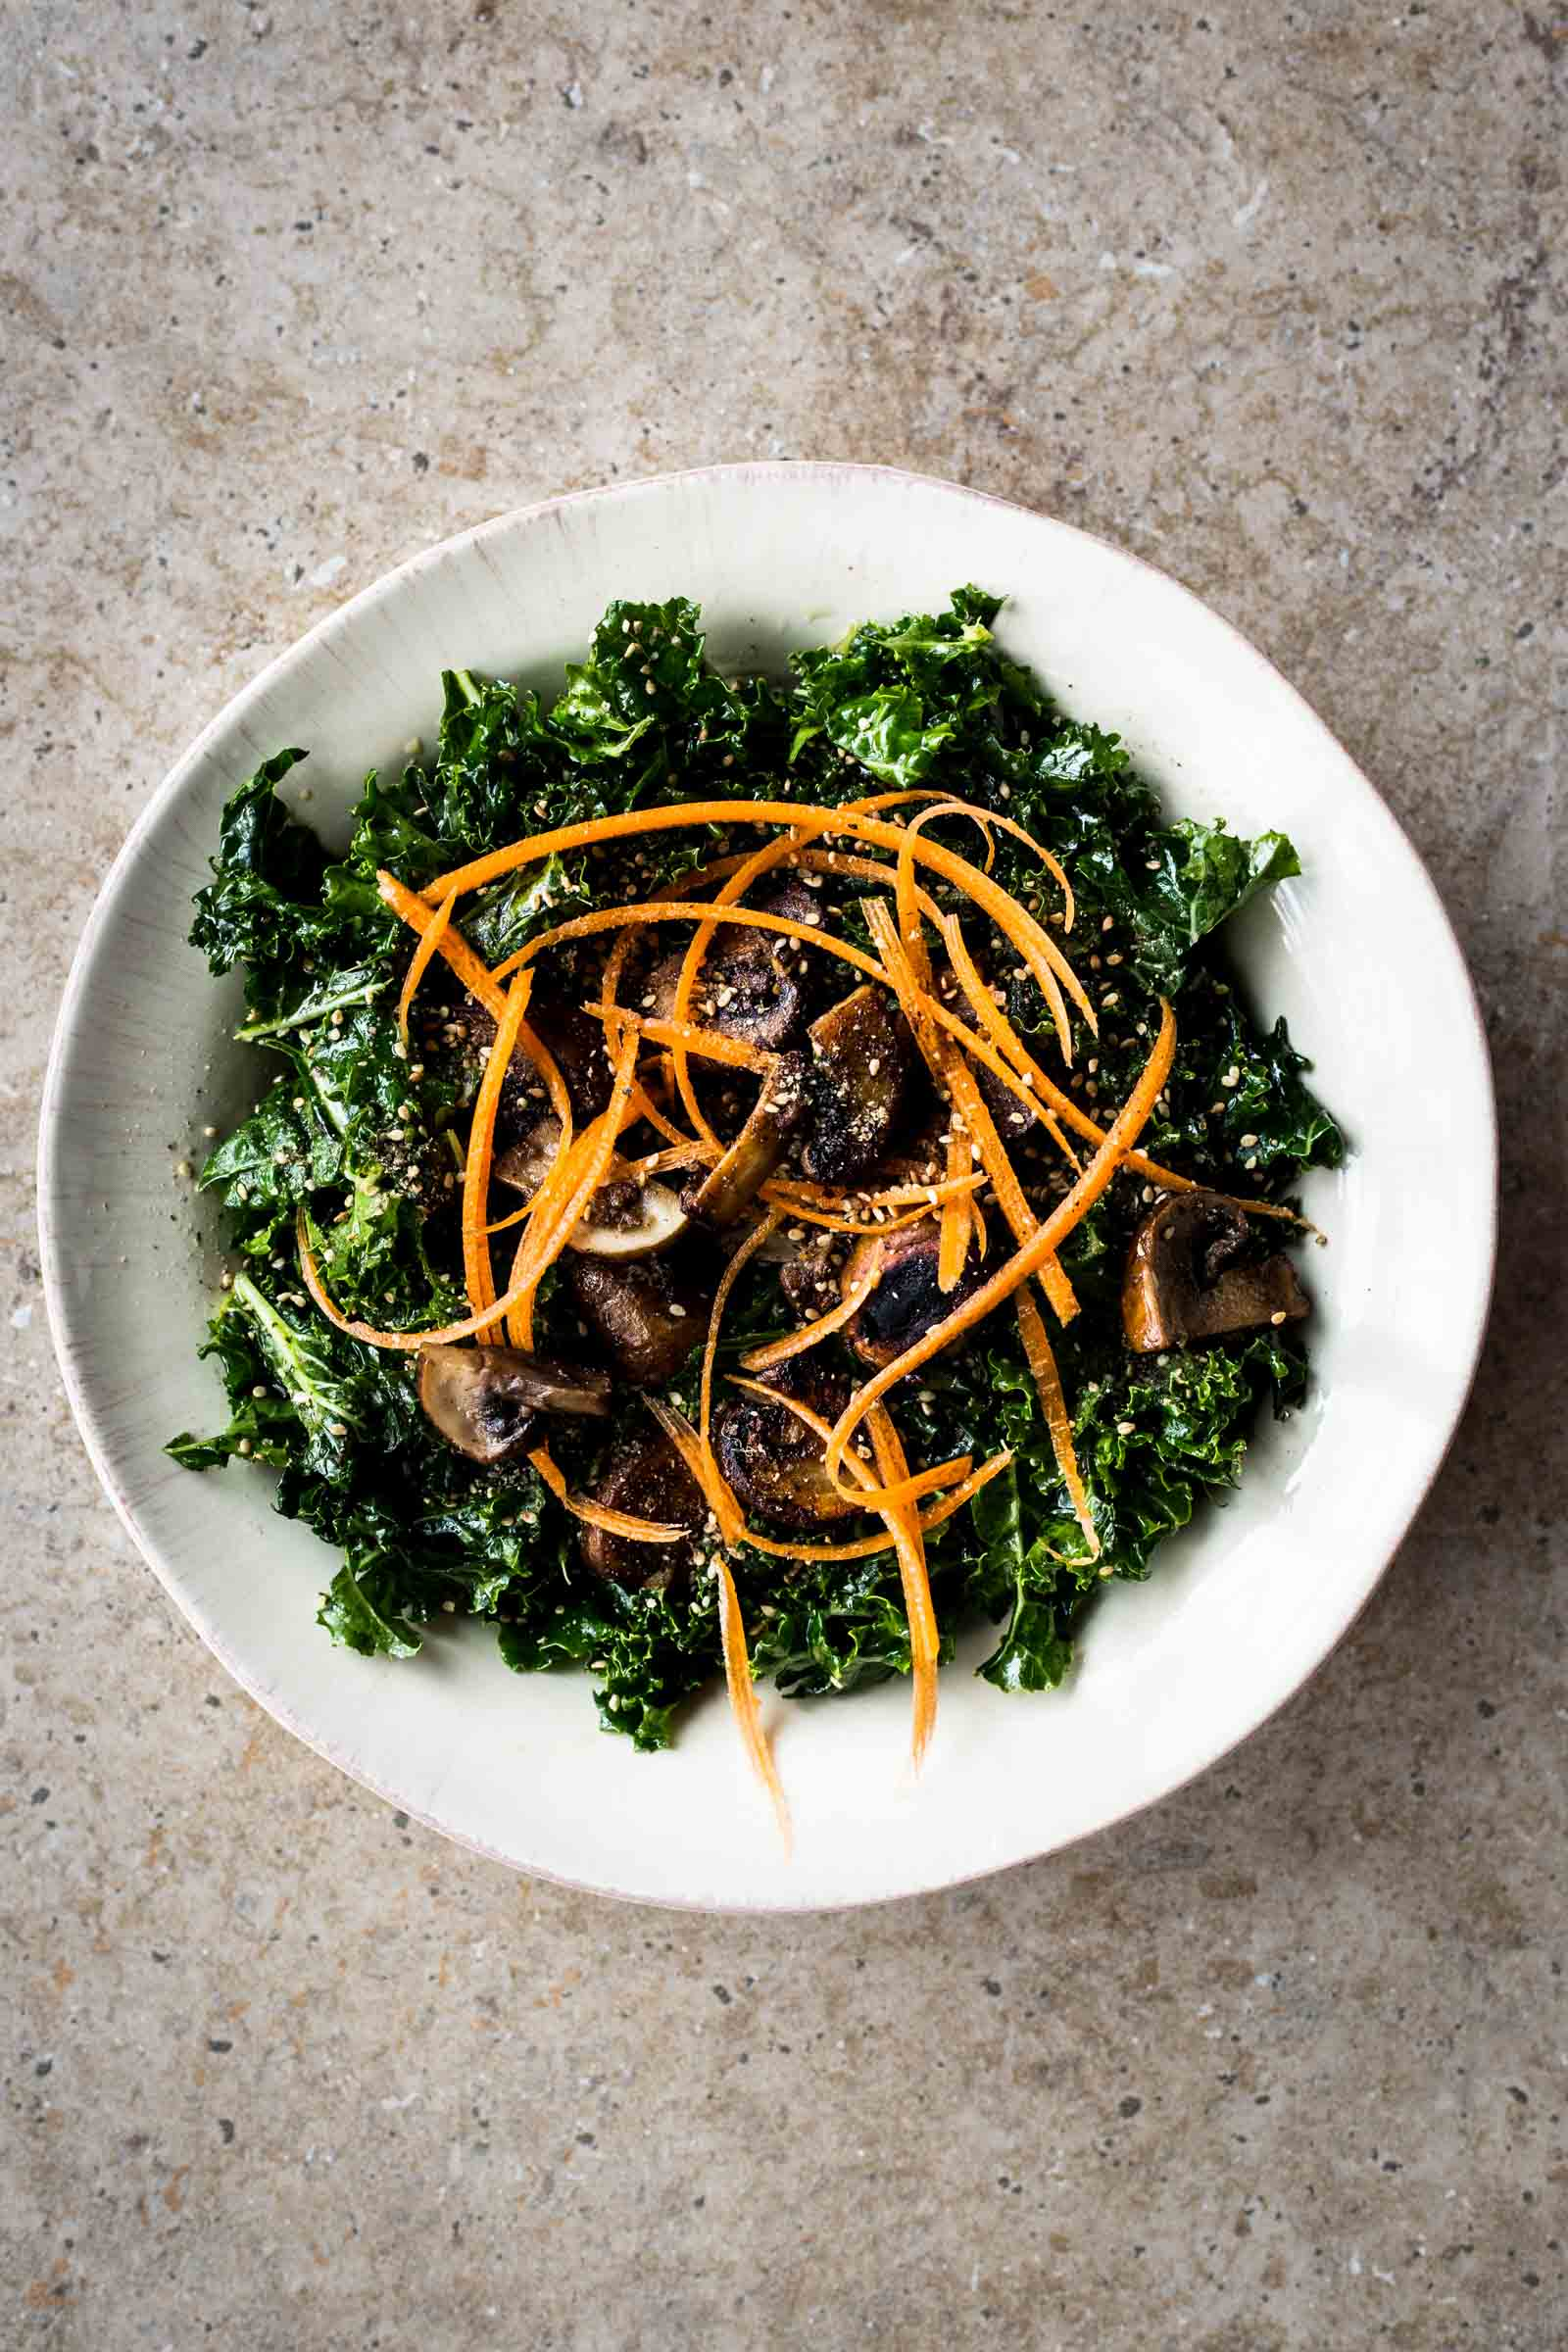 Roasted Mushroom Kale Salad